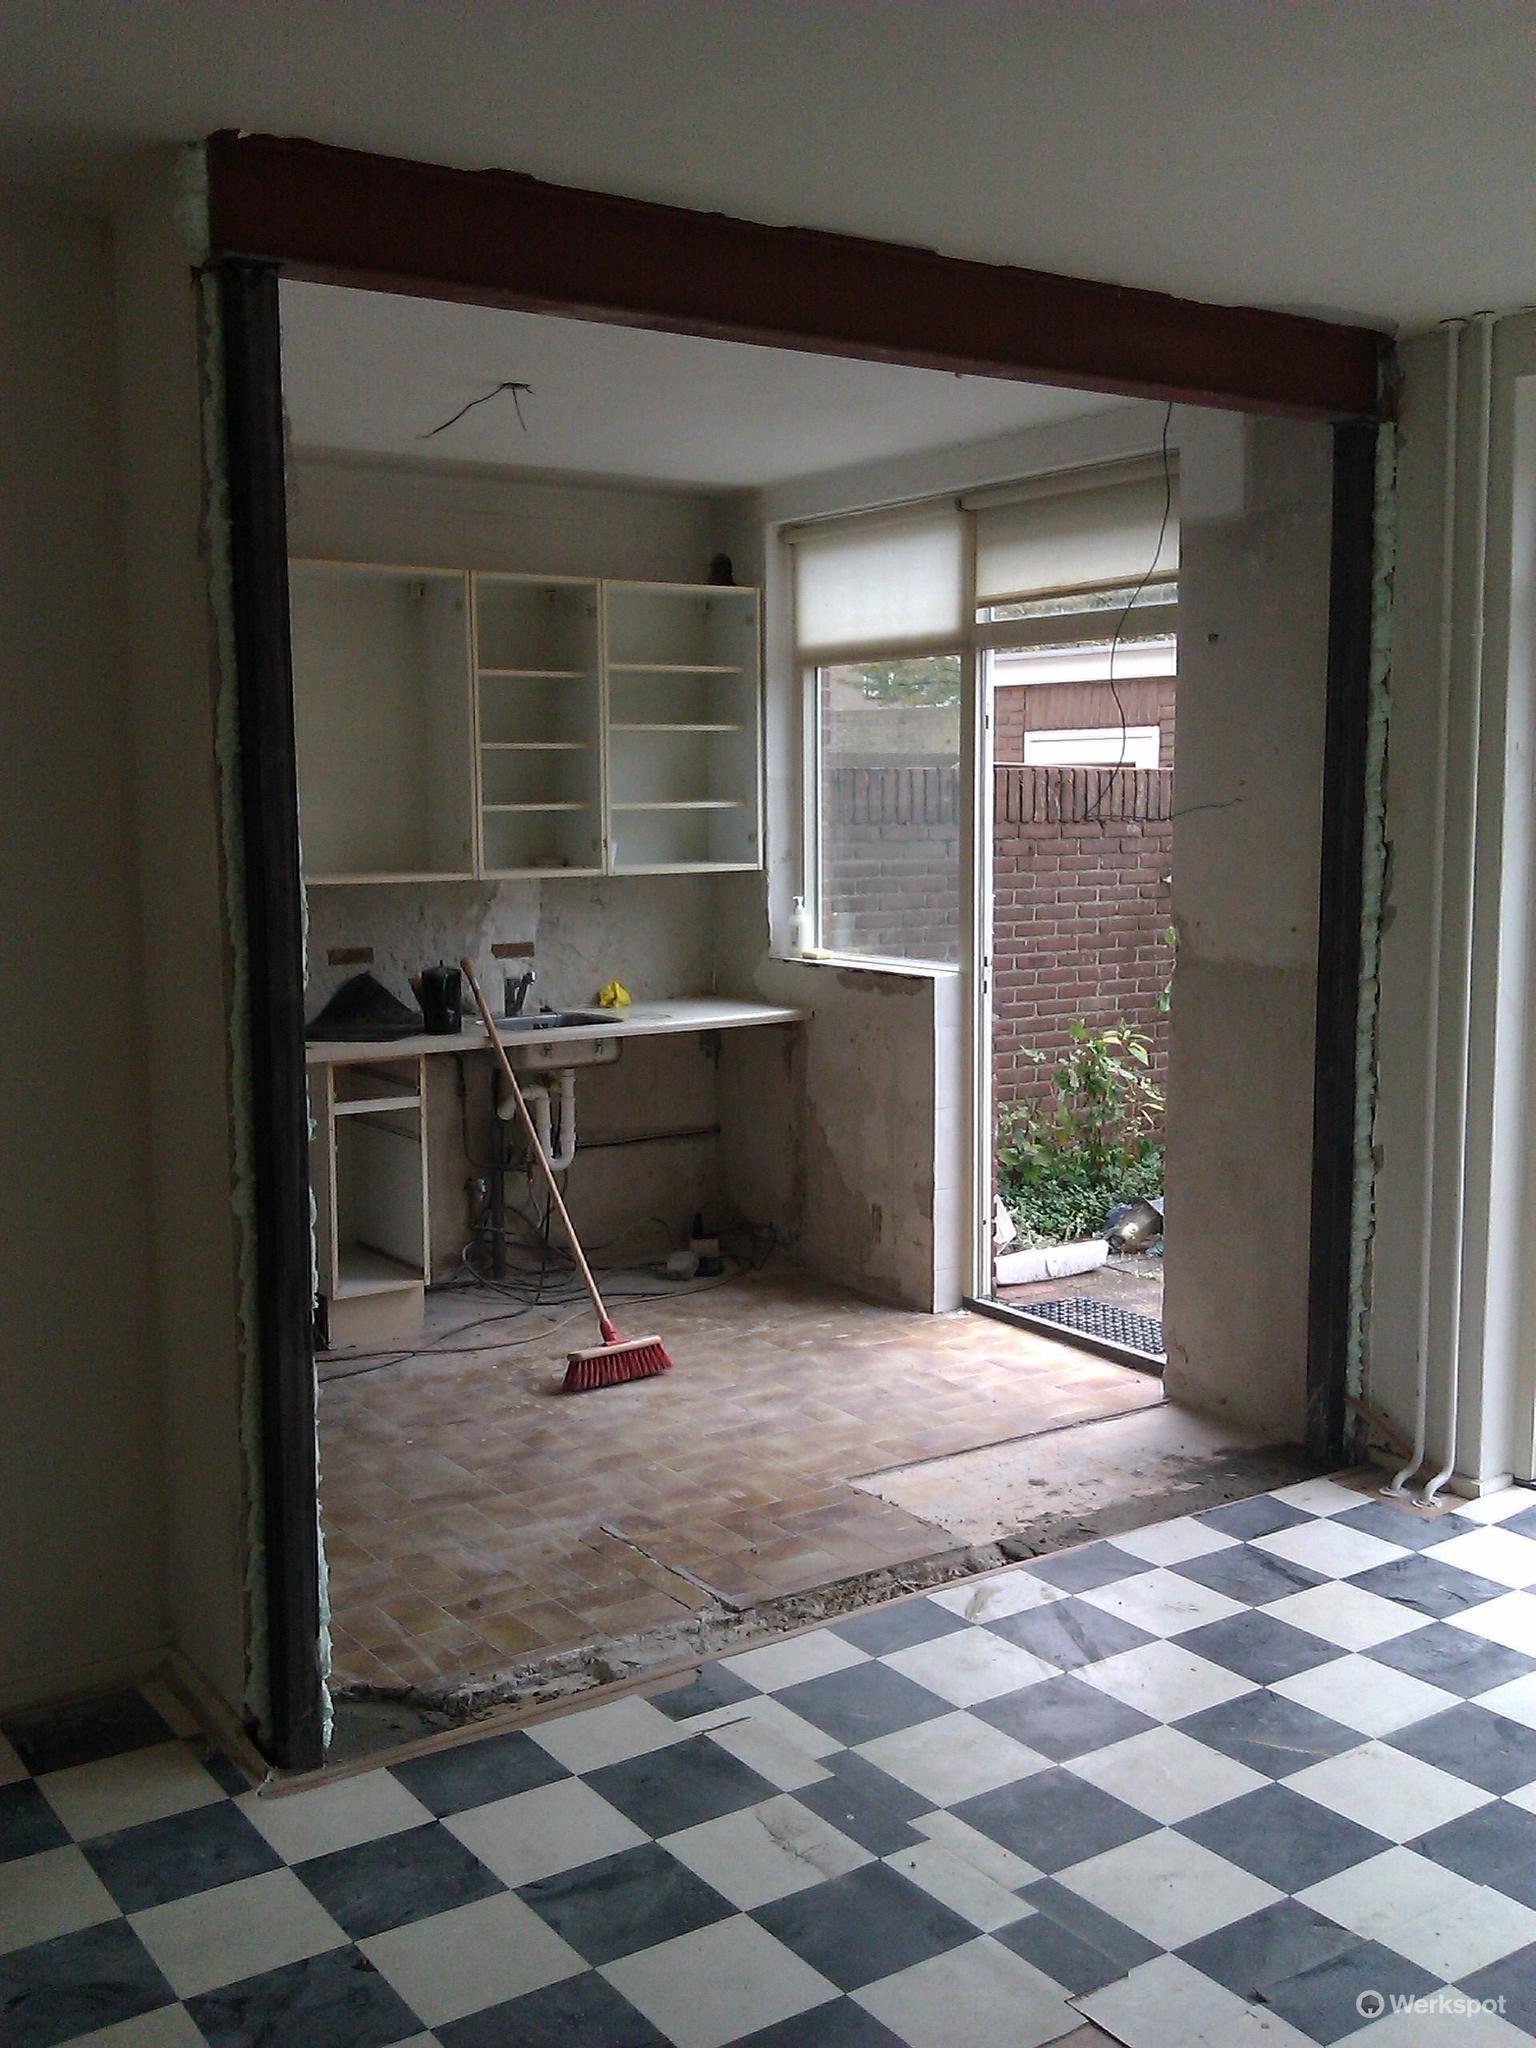 Draagbalk aanbrengen voor open keuken  Werkspot